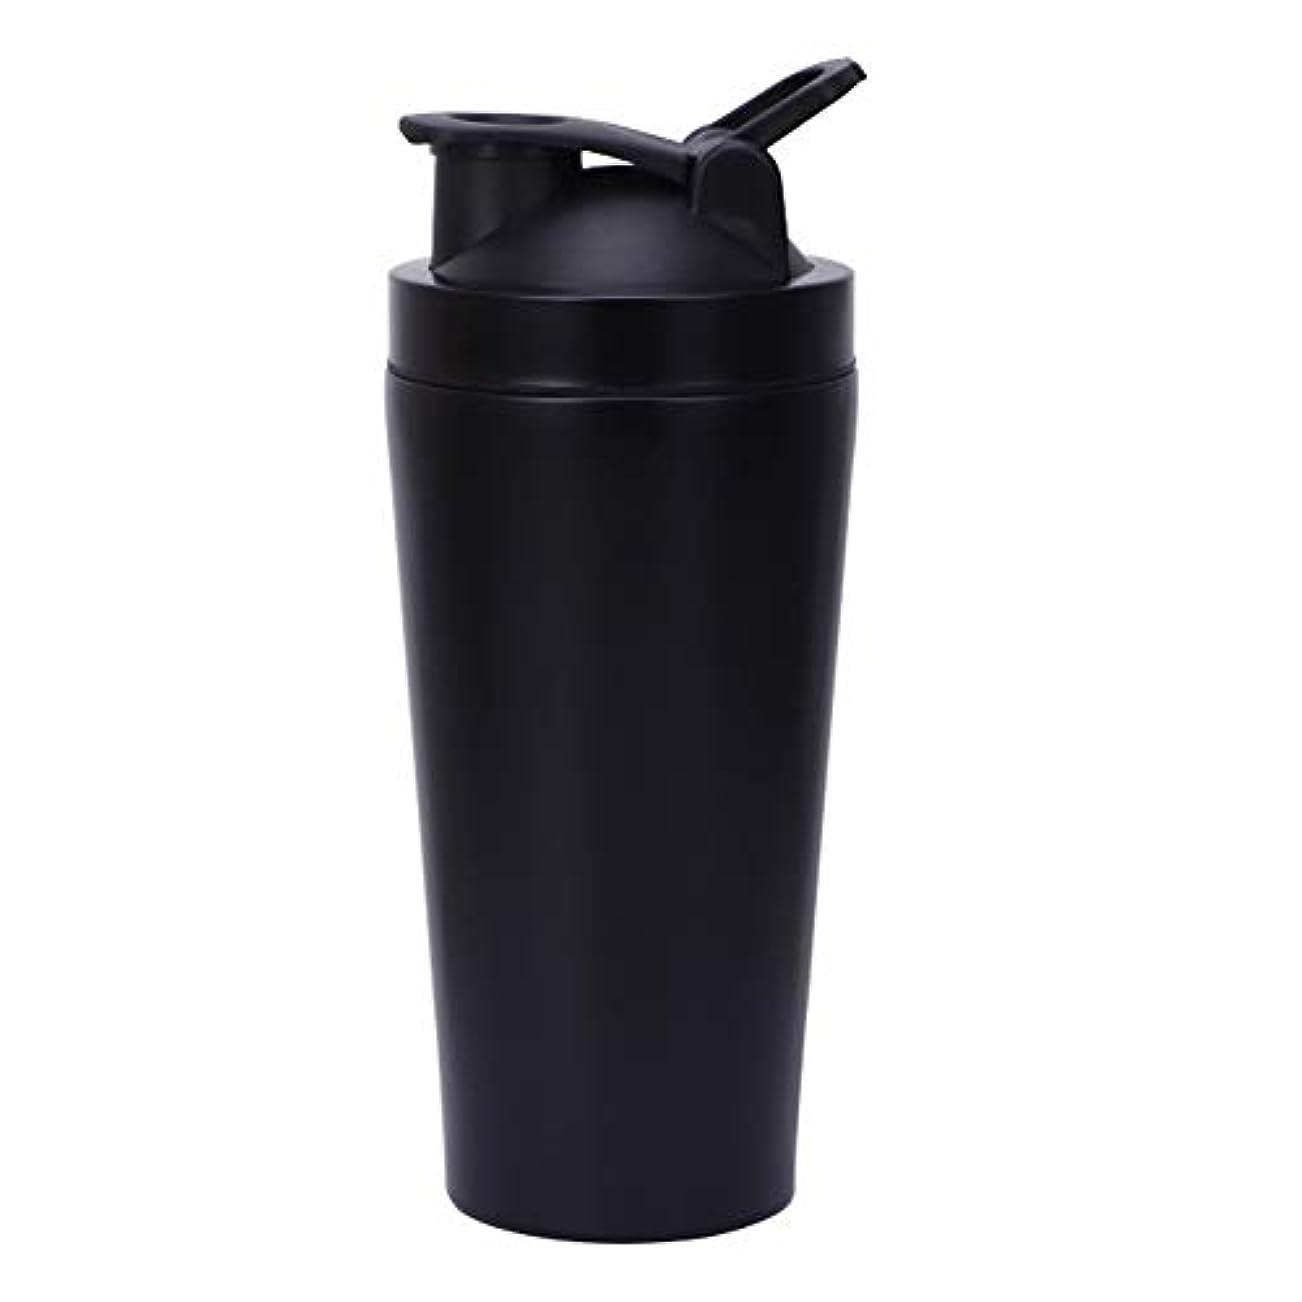 Dkhsyシェーカーボトルステンレスシェーカーボトルホーム絶縁シェーカーボトルフィットネスシェーカーボトル